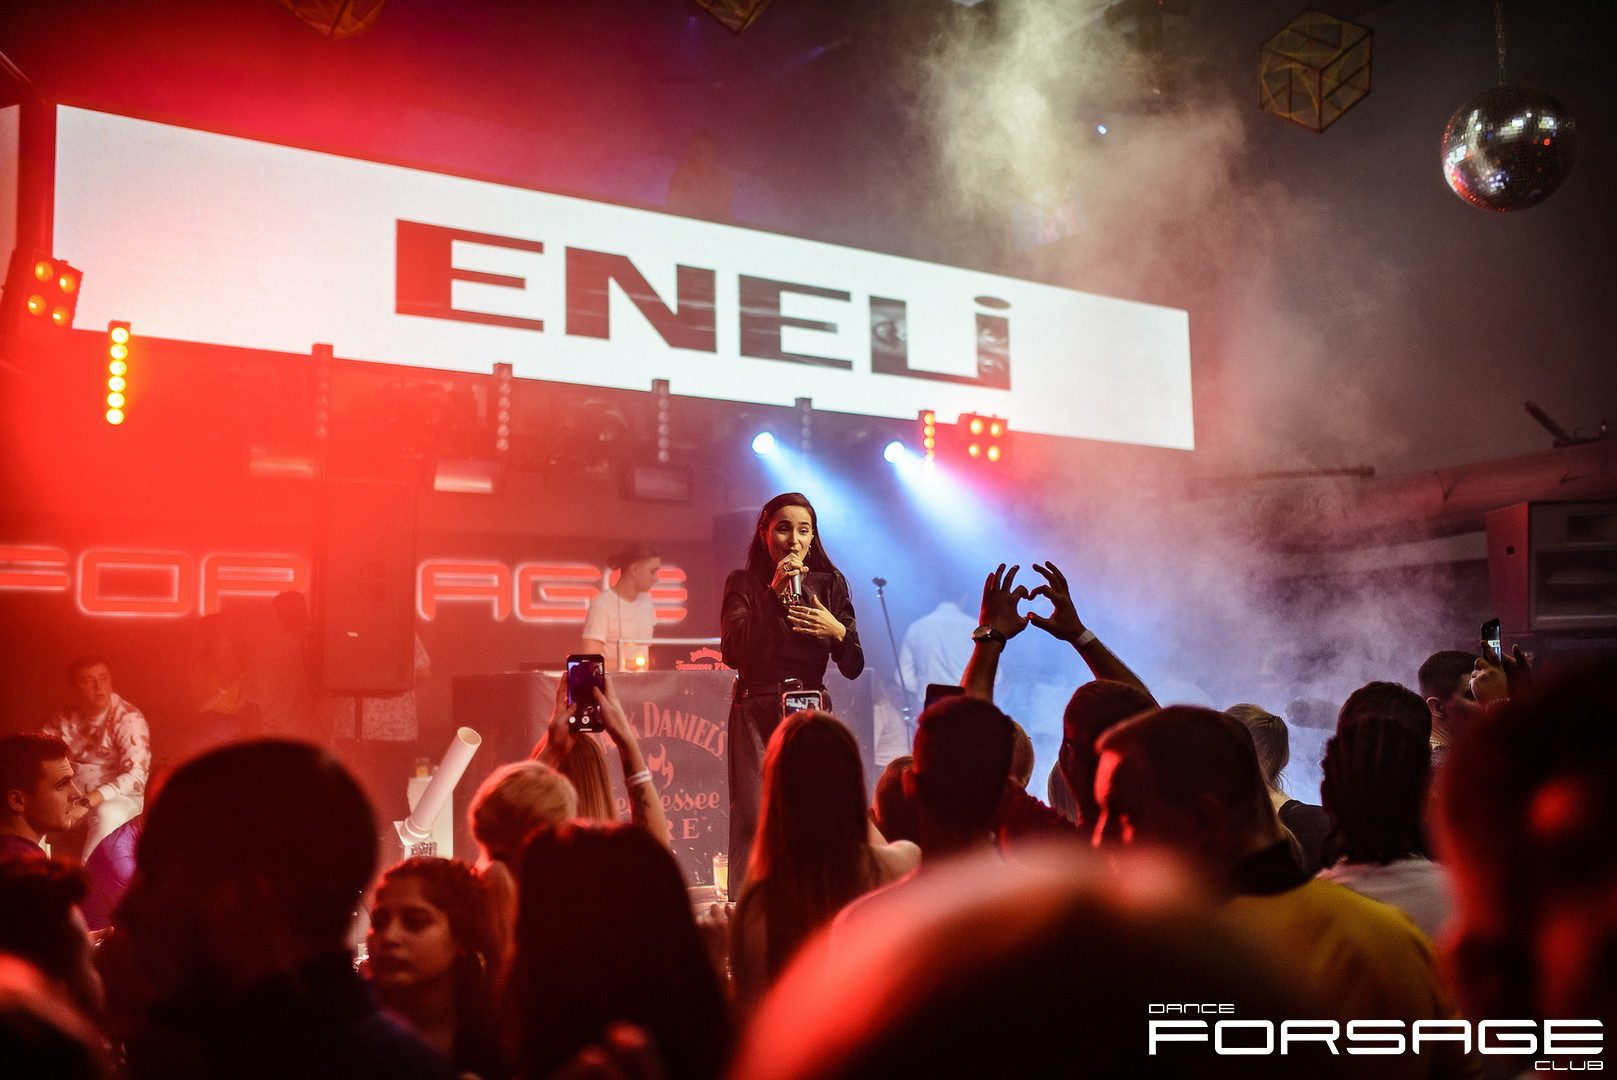 Eneli